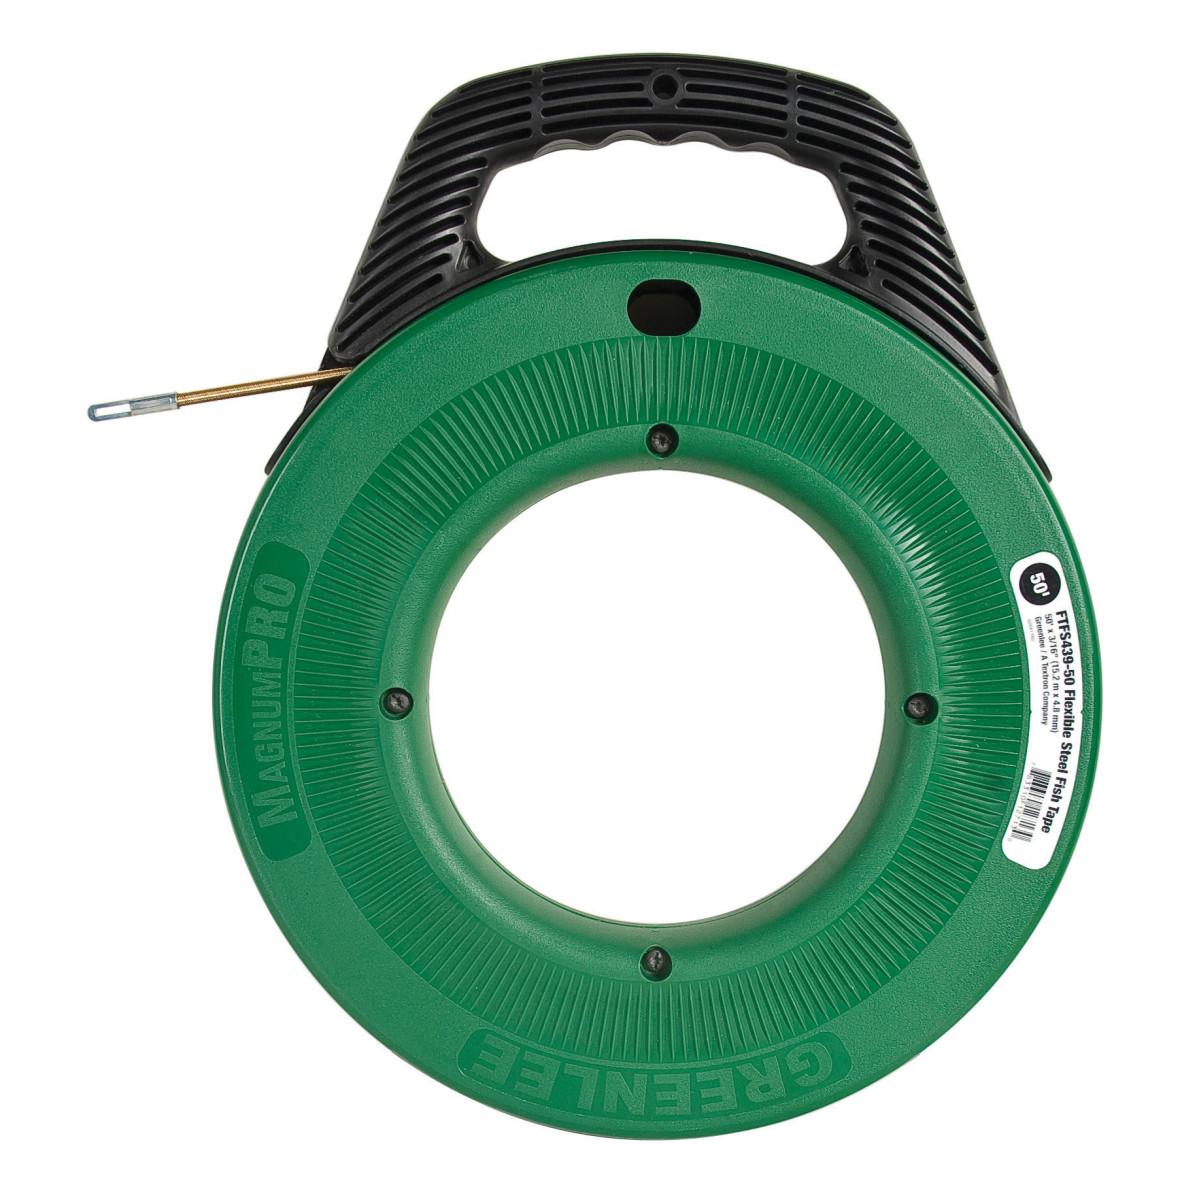 Greenlee FTFS439-50 Fishtape Flexible Steel-50'